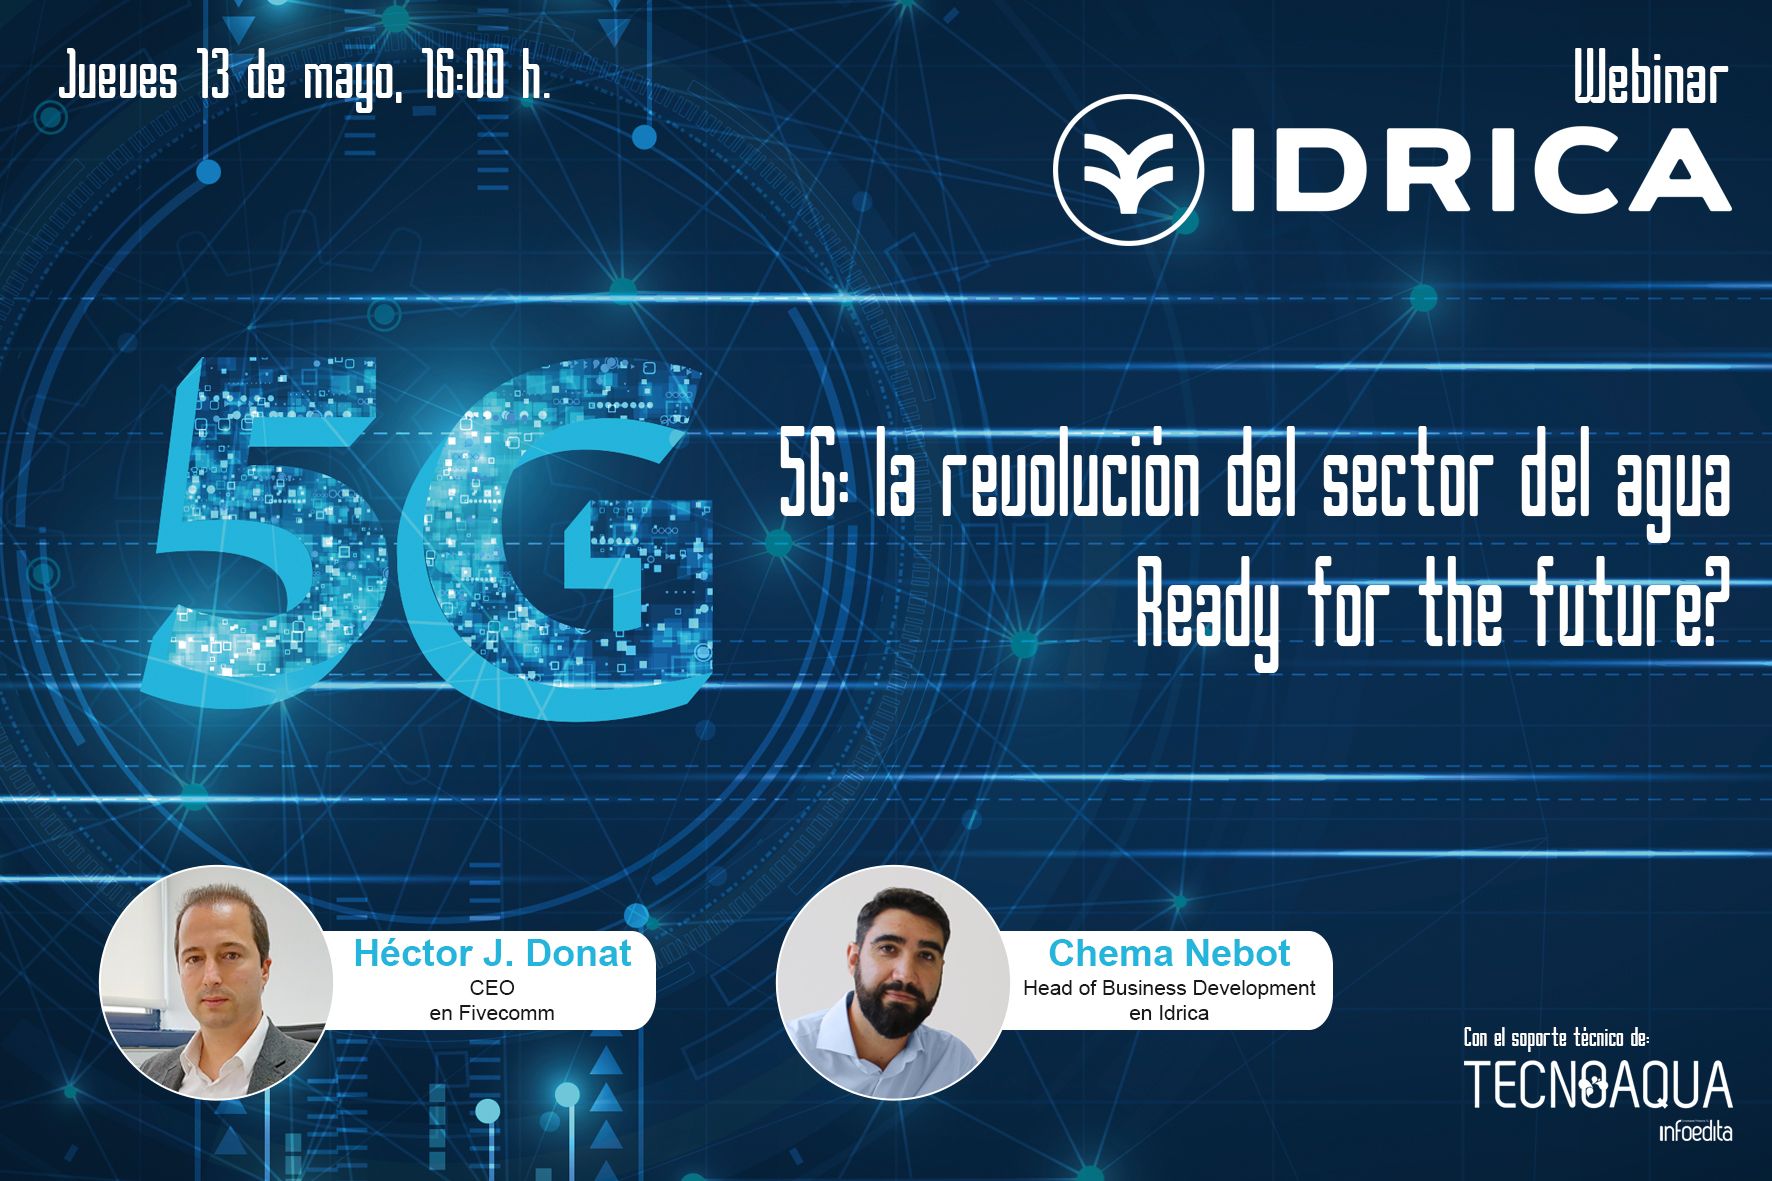 5G: la revolución del sector del agua. Ready for the future? -webinar profesioanl tecnoaqua